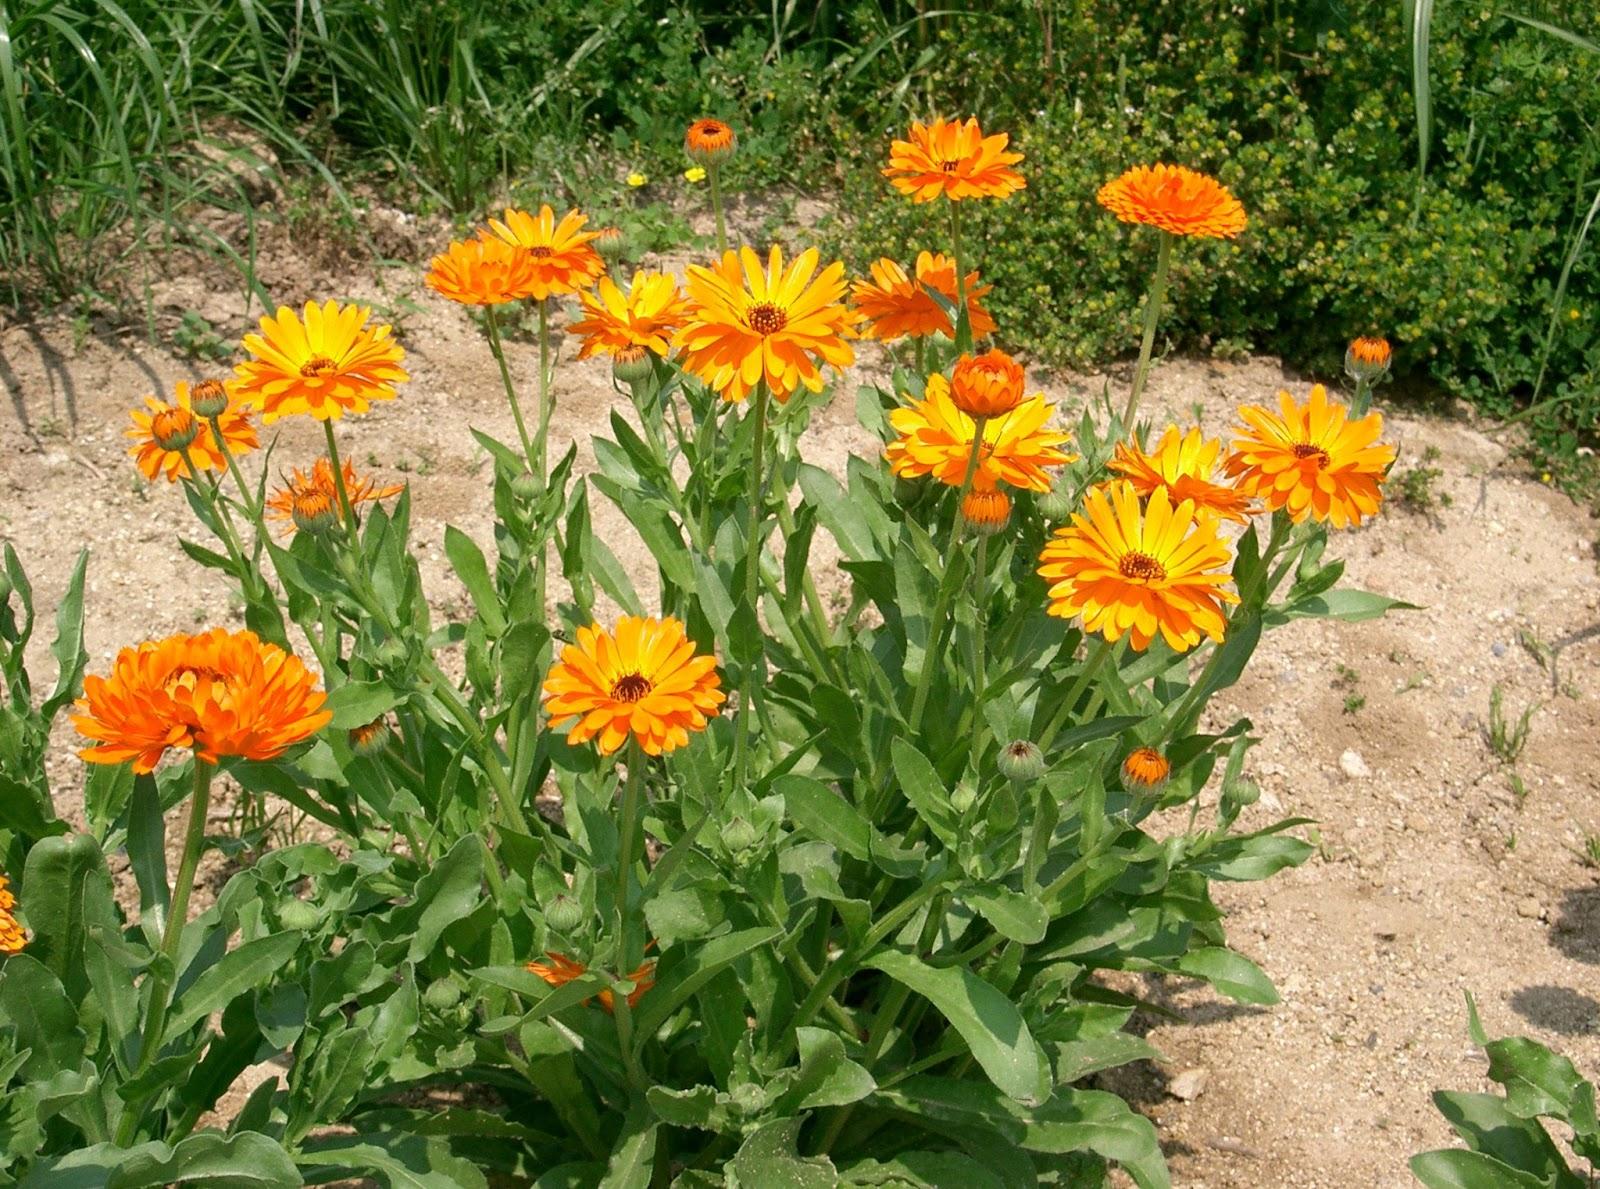 Enjoy life antiparassitari naturali fai da te per l 39 orto for Trasforma un semplice terreno in un colorato giardino